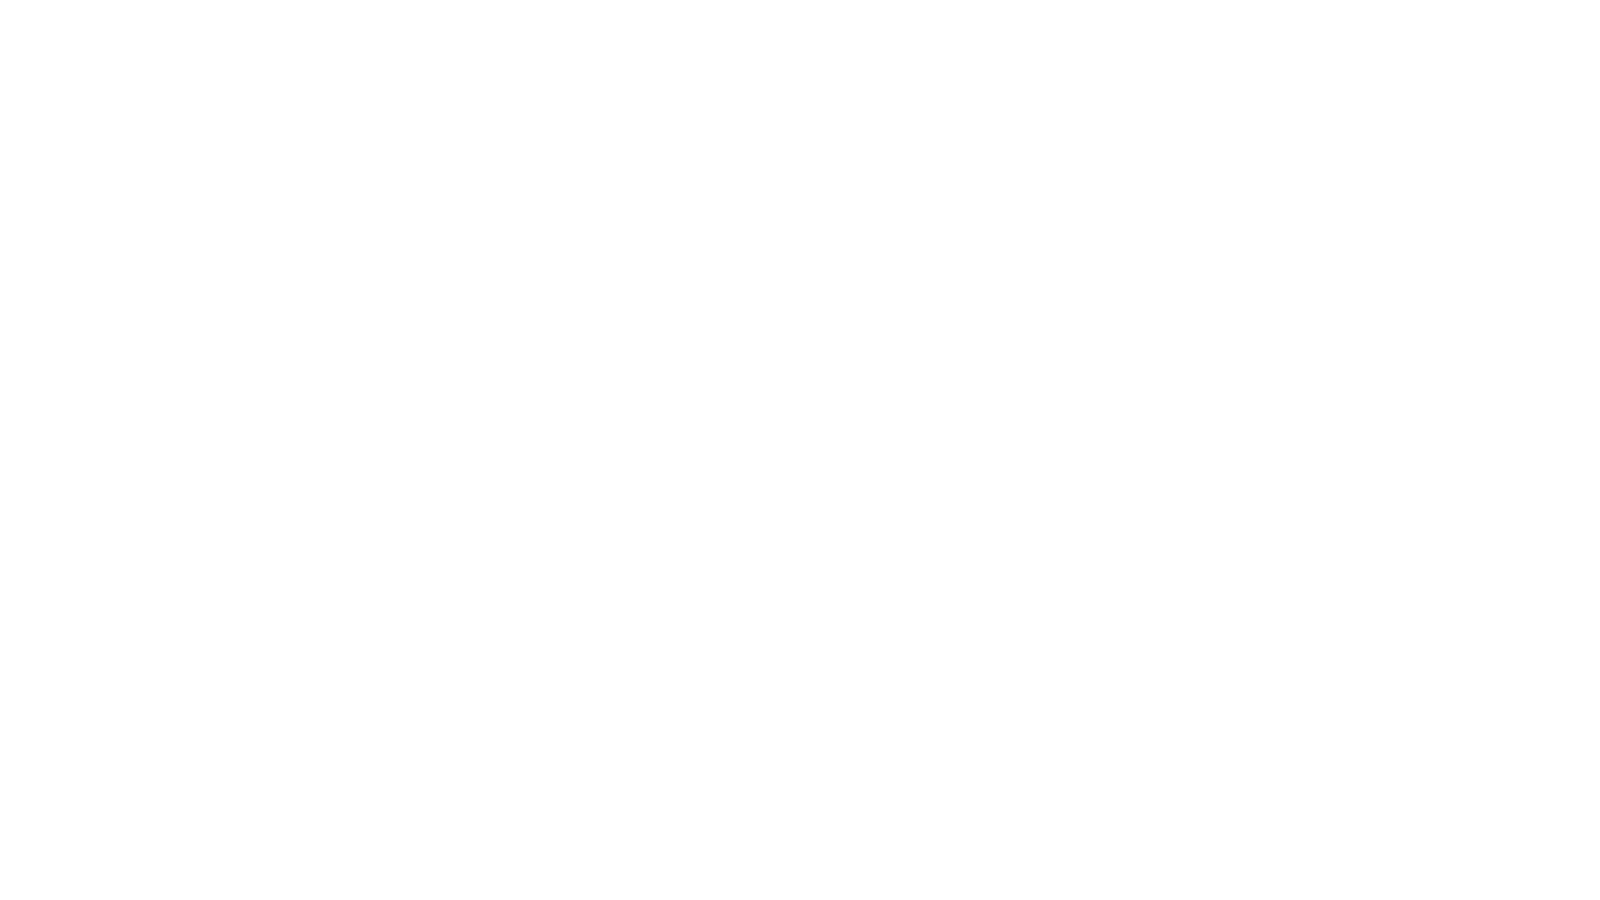 """Сотрудниками  Дома культуры поселка Стекольный объявлена фотовыставка """"Улыбка осени"""". посвященная Международному дню пожилого человека.  Хотелось бы видеть наших старейшин с улыбкой на лице и поэтому каждый желающий получить  портрет на память, приглашен на фото сессию.  День пожилого человека, который должен напомнить о том, что старшим нужно помогать и уважать их, имеет огромную важность для всего общества.  С праздником дорогие наши односельчане! Поздравляем Вас с этим днем и желаем самого главное– здоровья, радости от любимых занятий, бодрости.   Пусть никогда вас не посещает уныние, потому что рядом всегда будут люди, которым Вы не безразличны.  Все знают, что возраст измеряется не годами, а состоянием души. Так вот,  очень хочется, чтобы душа Ваша оставалась такой же молодой, задорной и красивой."""